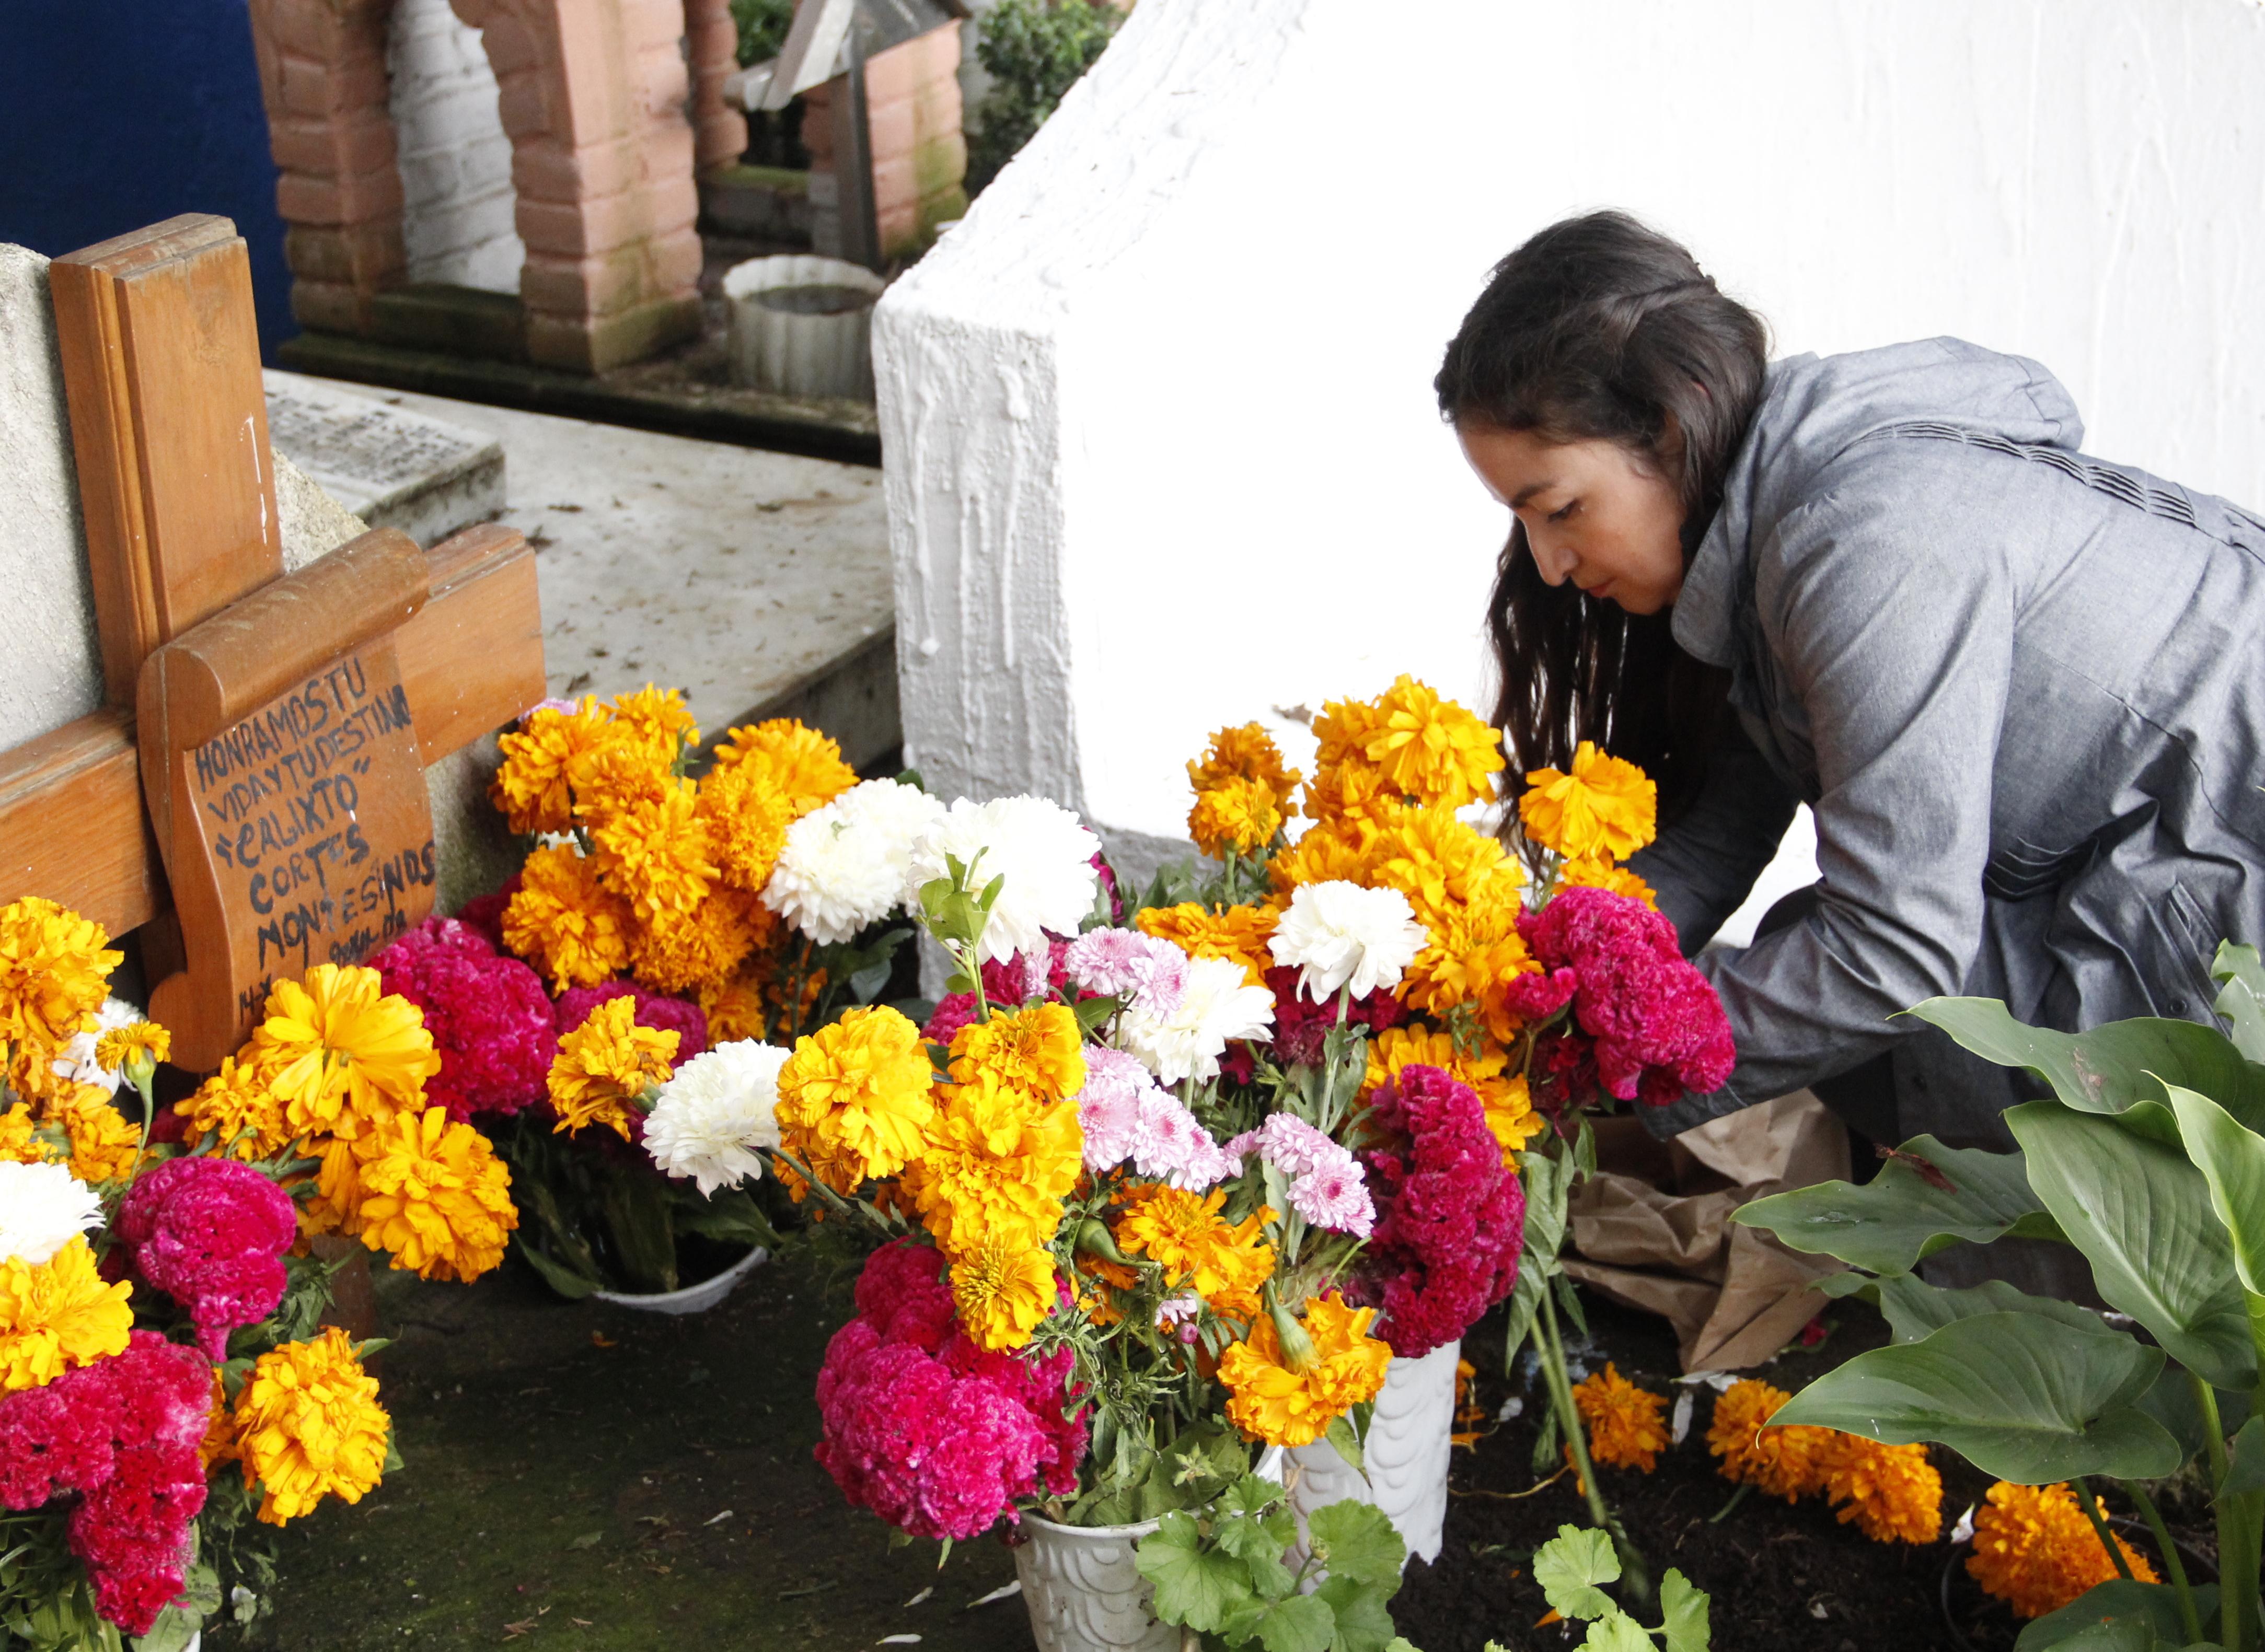 Die gelbe Blume Cempasúchil darf keineswegs fehlen: Wie hier auf dem Friedhof von San Mateo Tlaltenango (Mexiko-Stadt) gehört sie zum traditionellen Grabschmuck für die verstorbenen Verwandten.